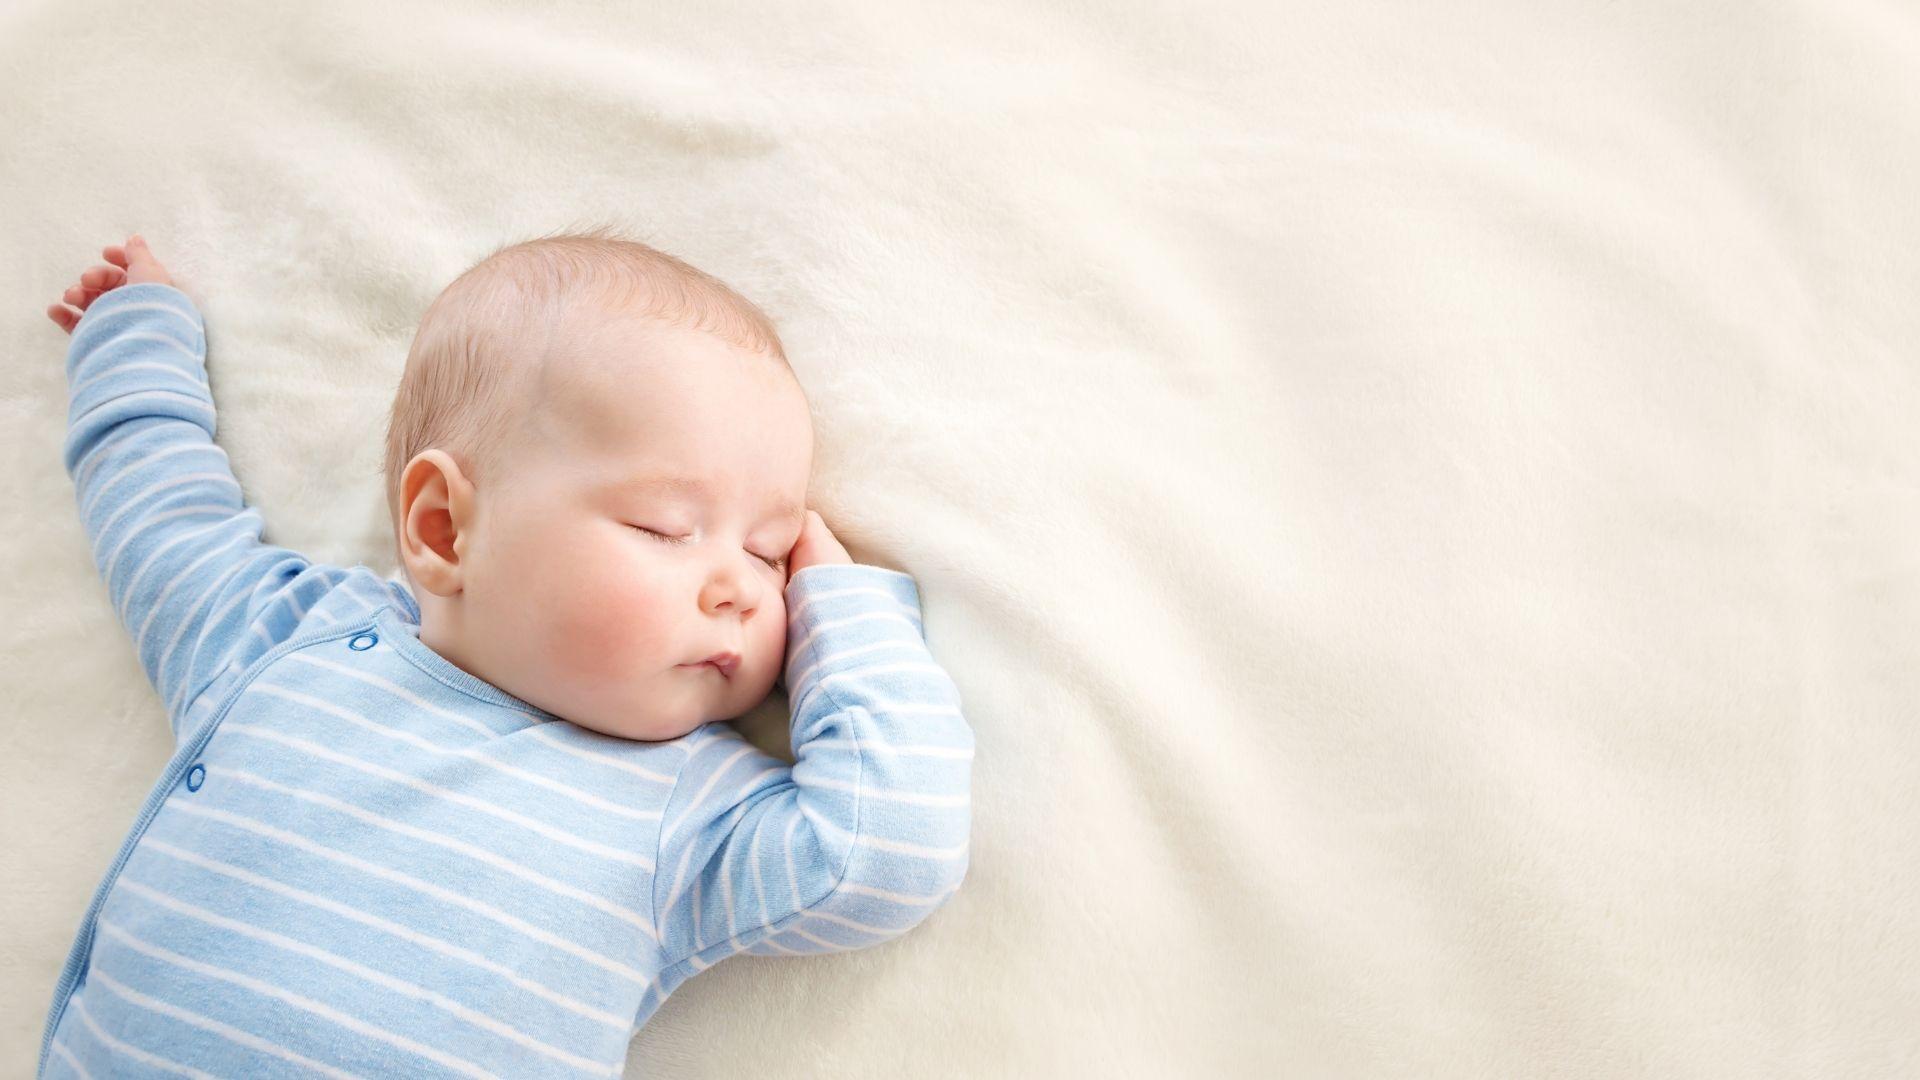 Síndrome de muerte súbita del lactante (SMSL): causas y prevención